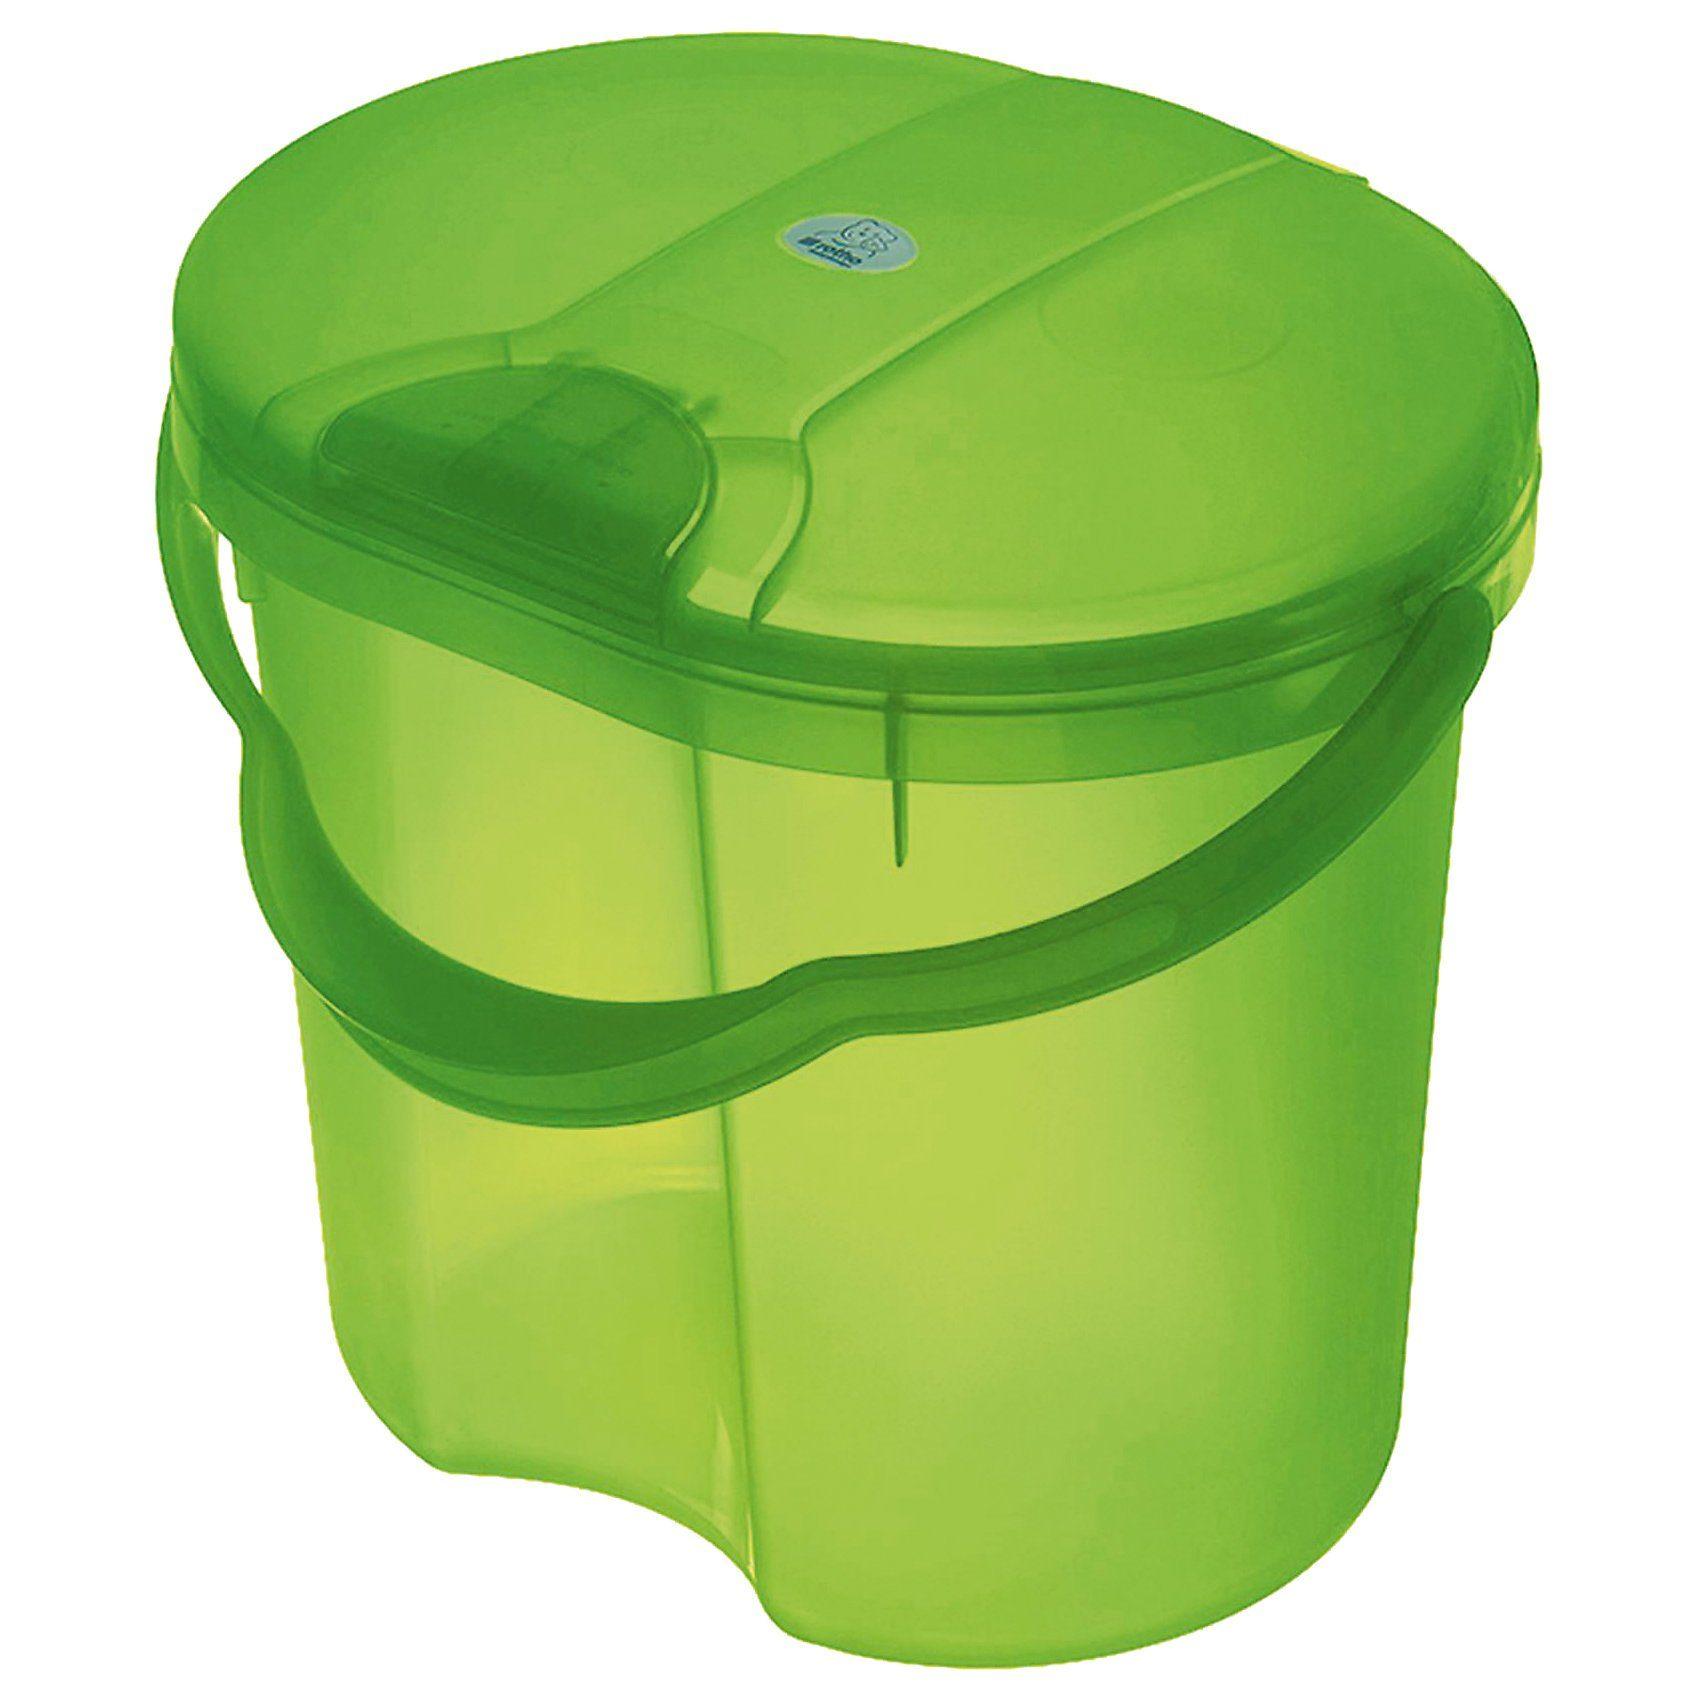 Rotho Babydesign Windeleimer Top, translucent lime